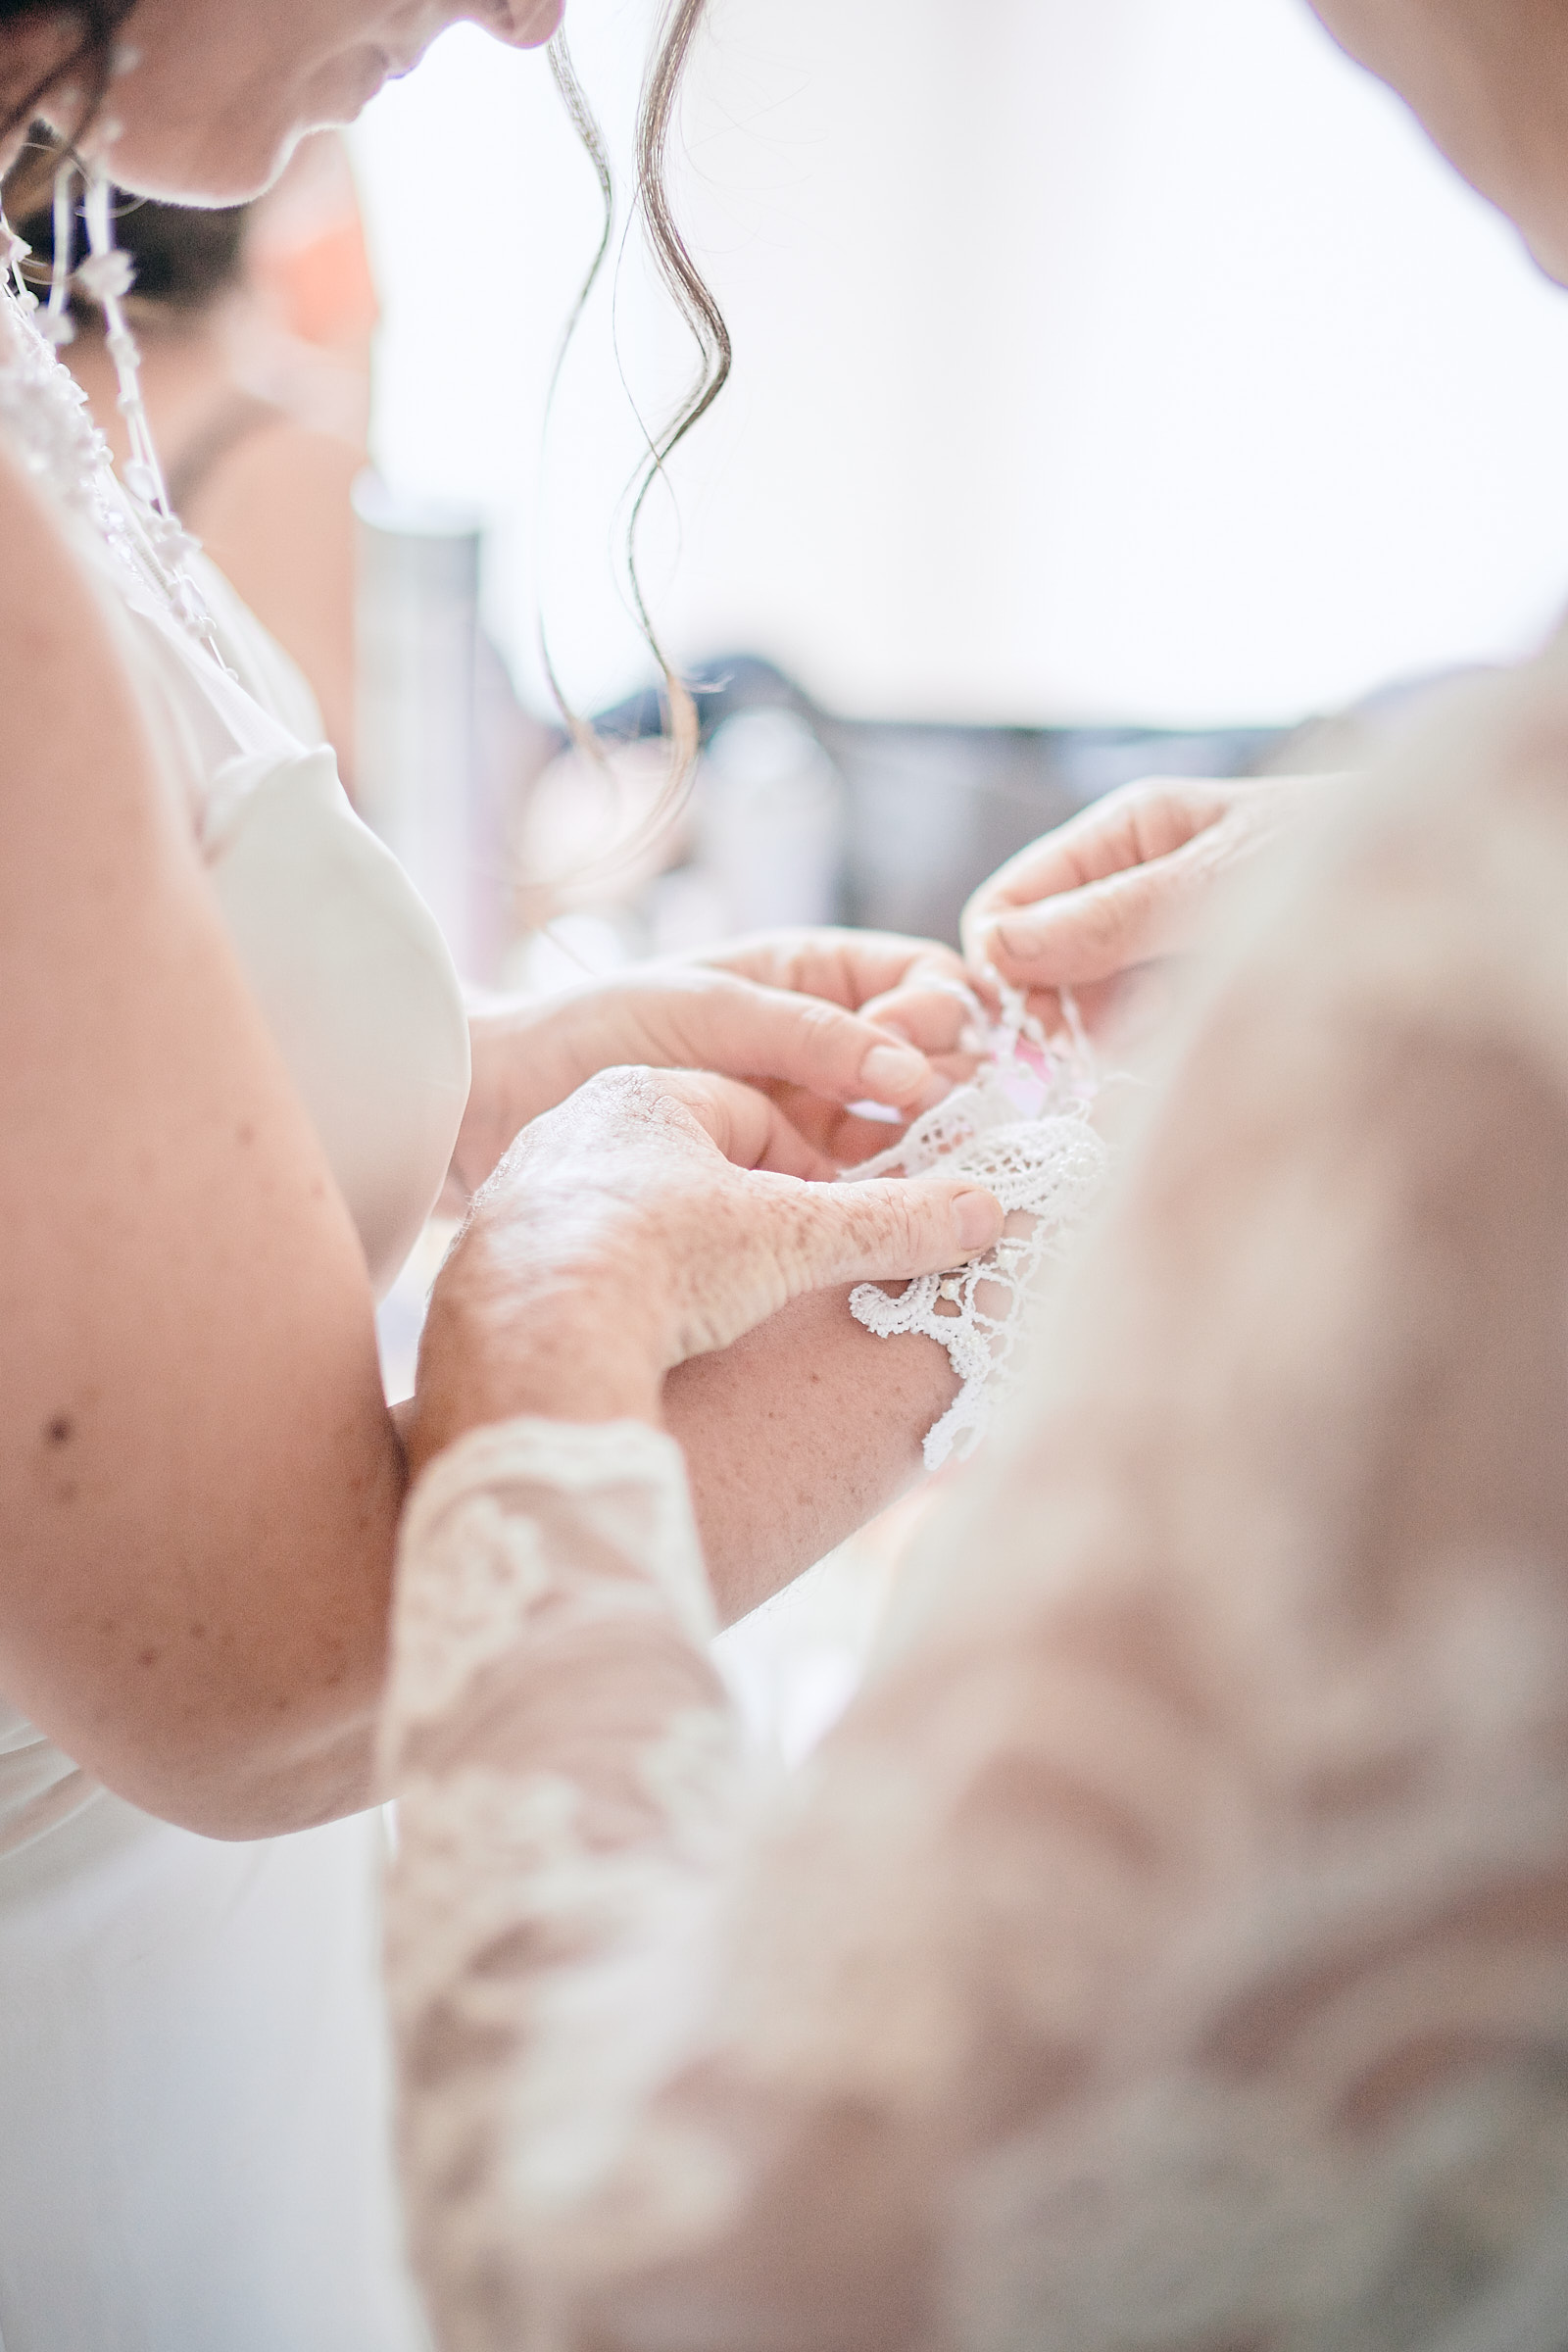 mise en place d'un bracelet sur le bras de la mariée